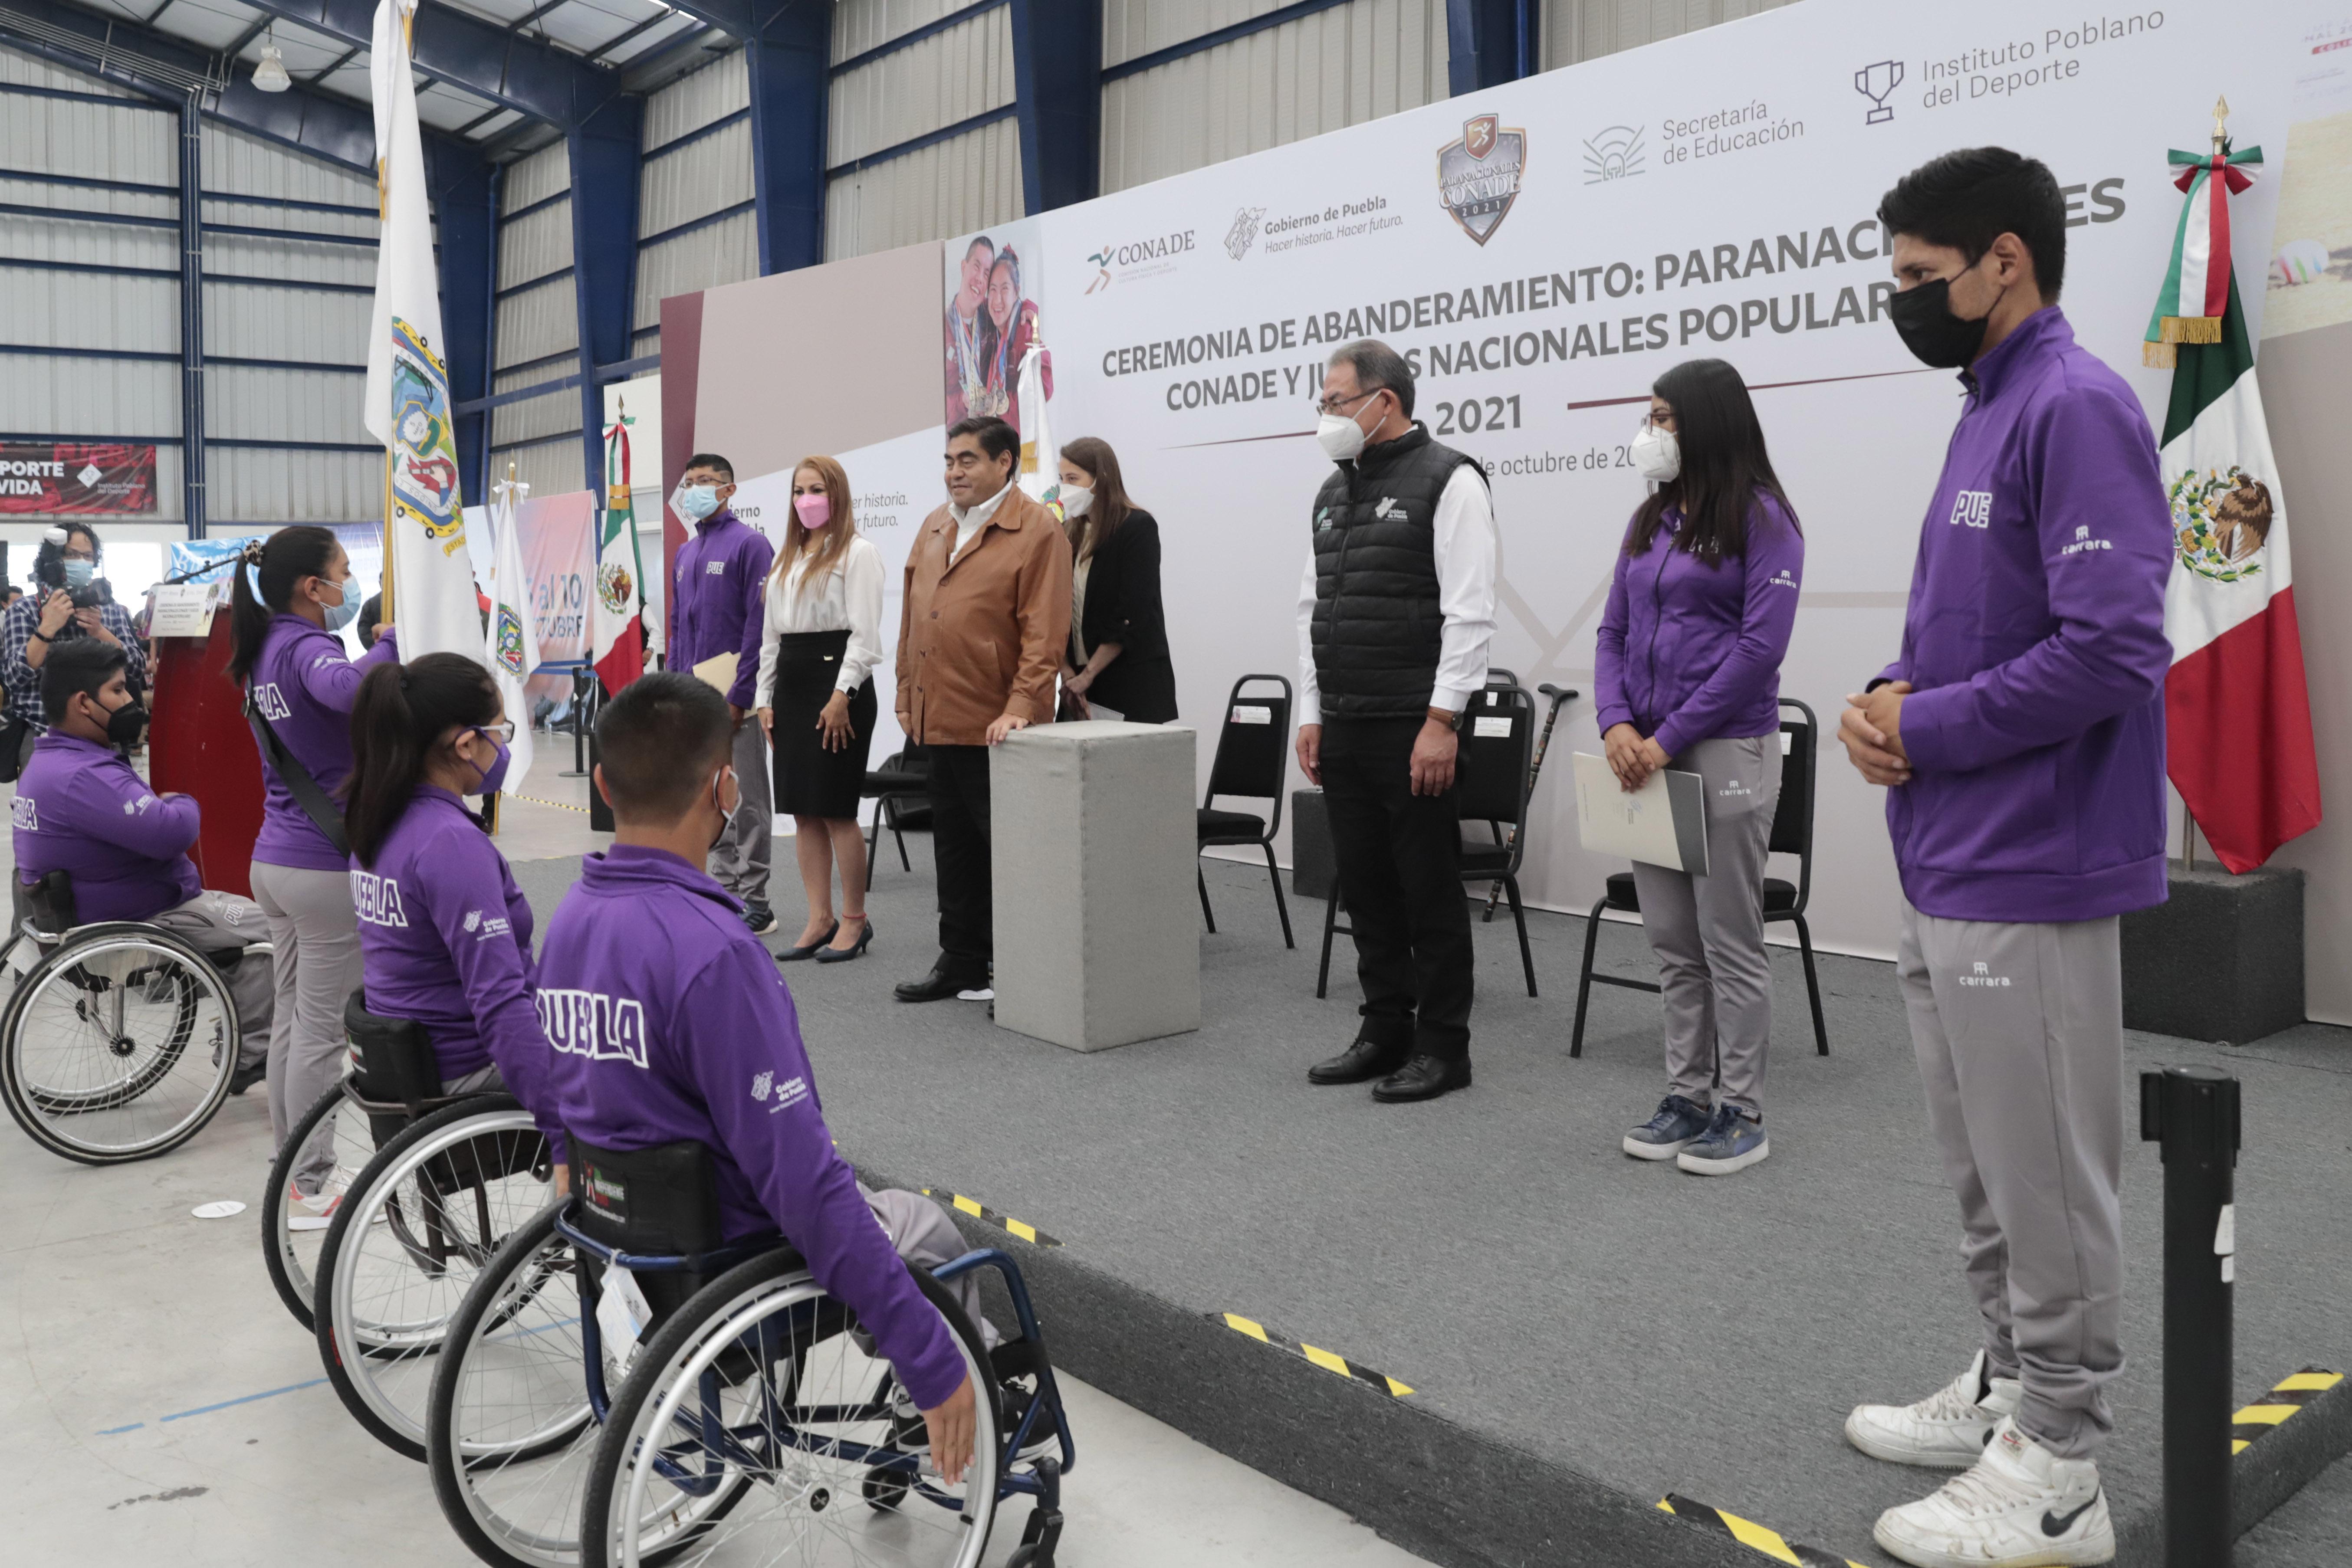 Paratletas poblanos, presentes en Juegos Nacionales Populares y Paranacionales de CONADE